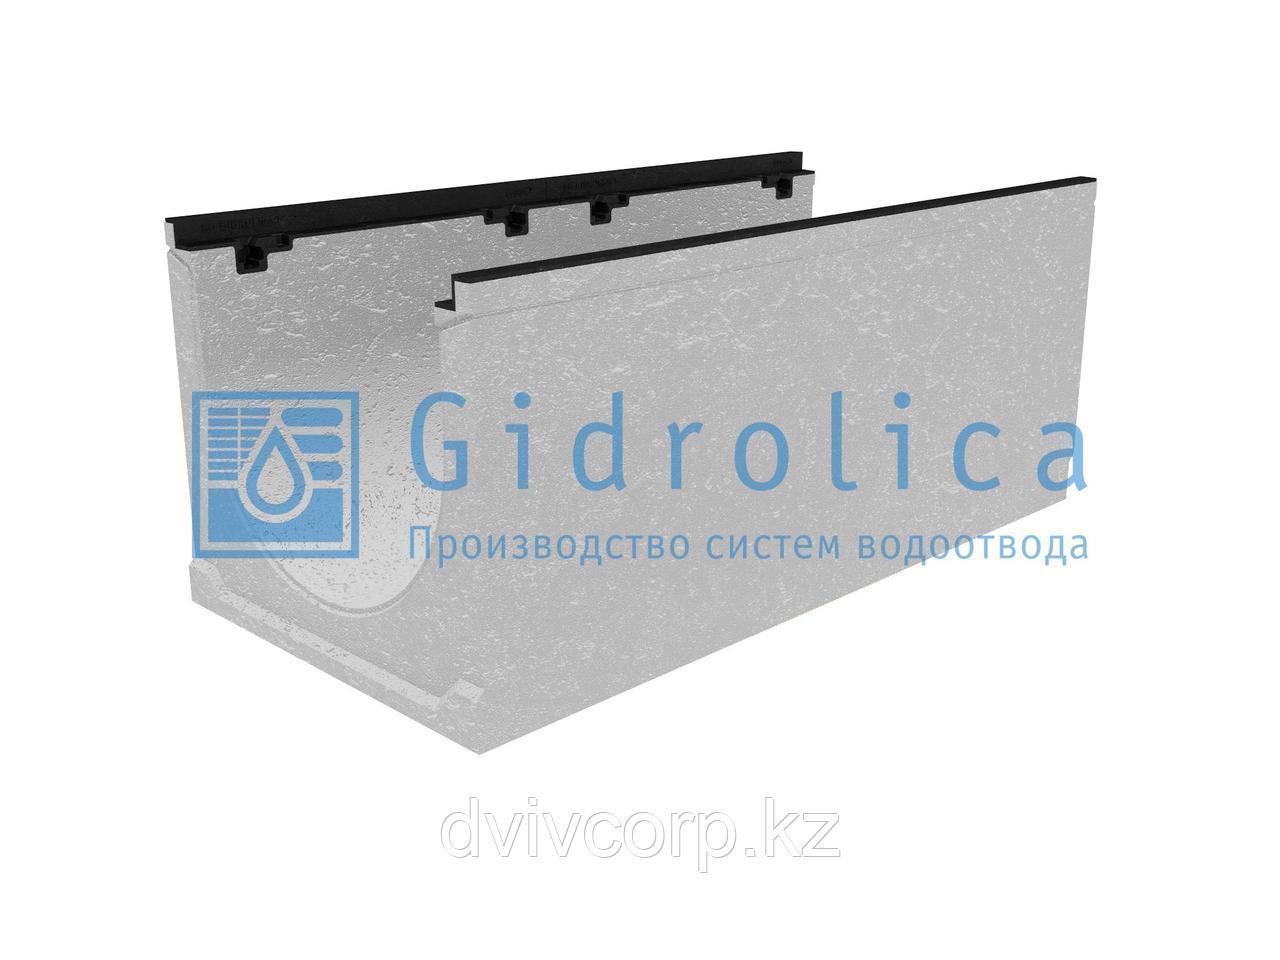 Лоток водоотводный бетонный коробчатый (СО-400мм), с чугунной насадкой КU 100.49,9 (40).42(35) - BGZ-S, № 5-0